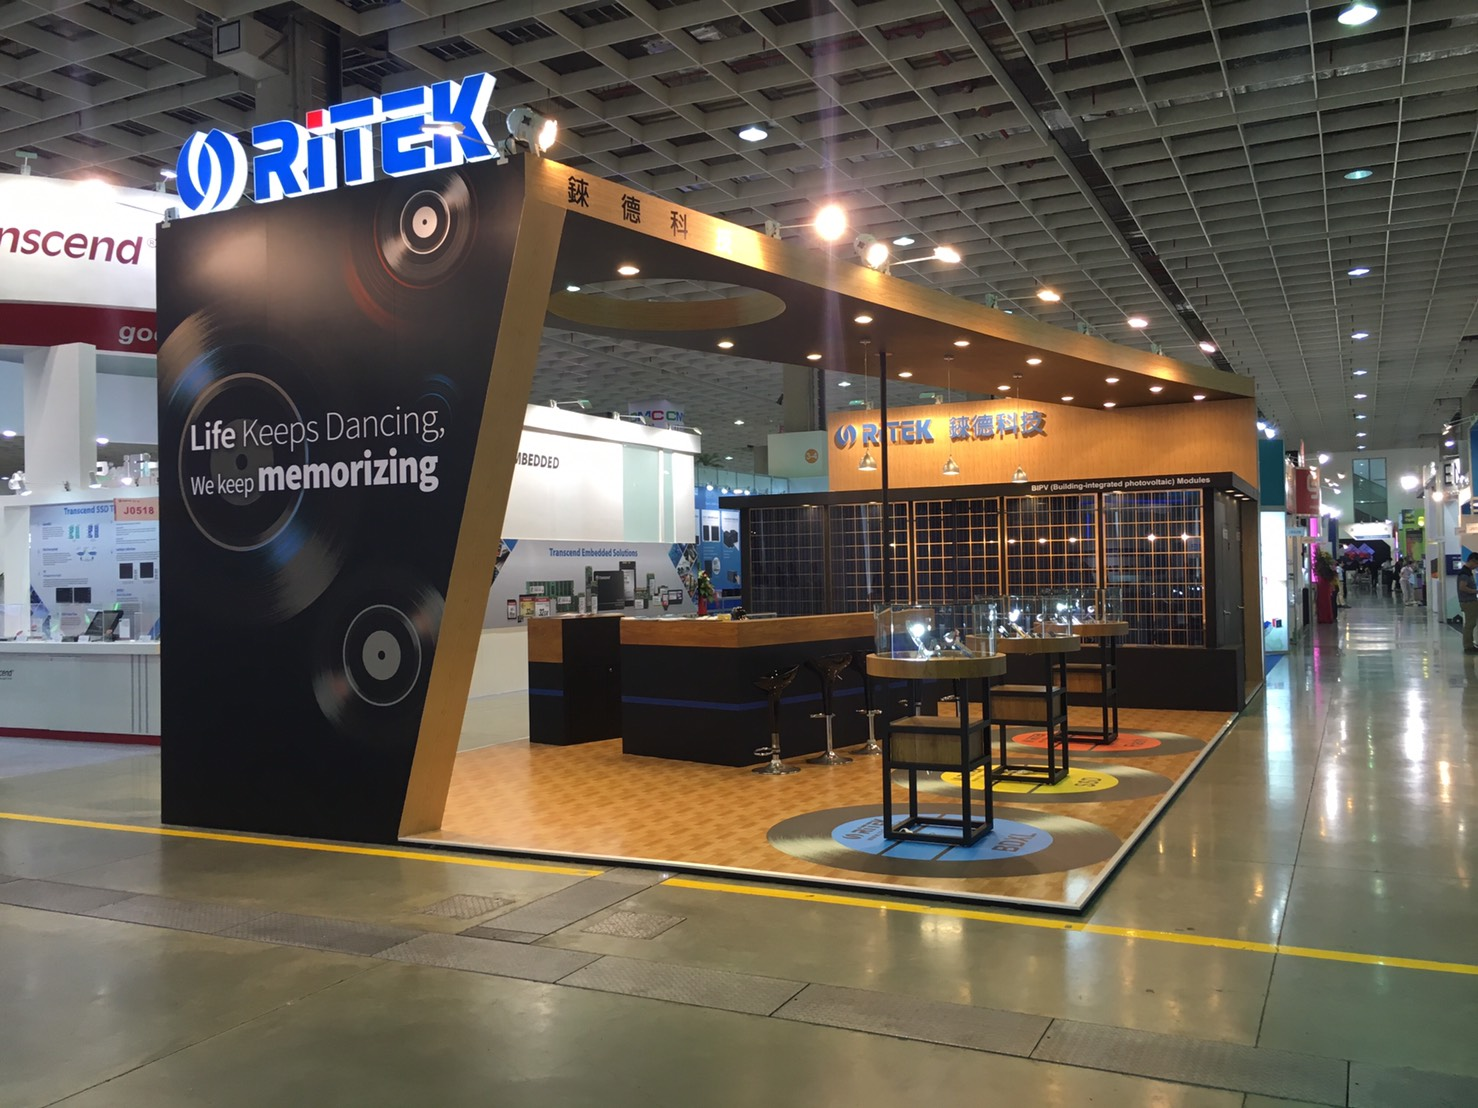 錸德2016台北國際電腦展,全新突破、再造絕佳新體驗 儲存產品全面進化、OLED穿戴式應用全面啟動